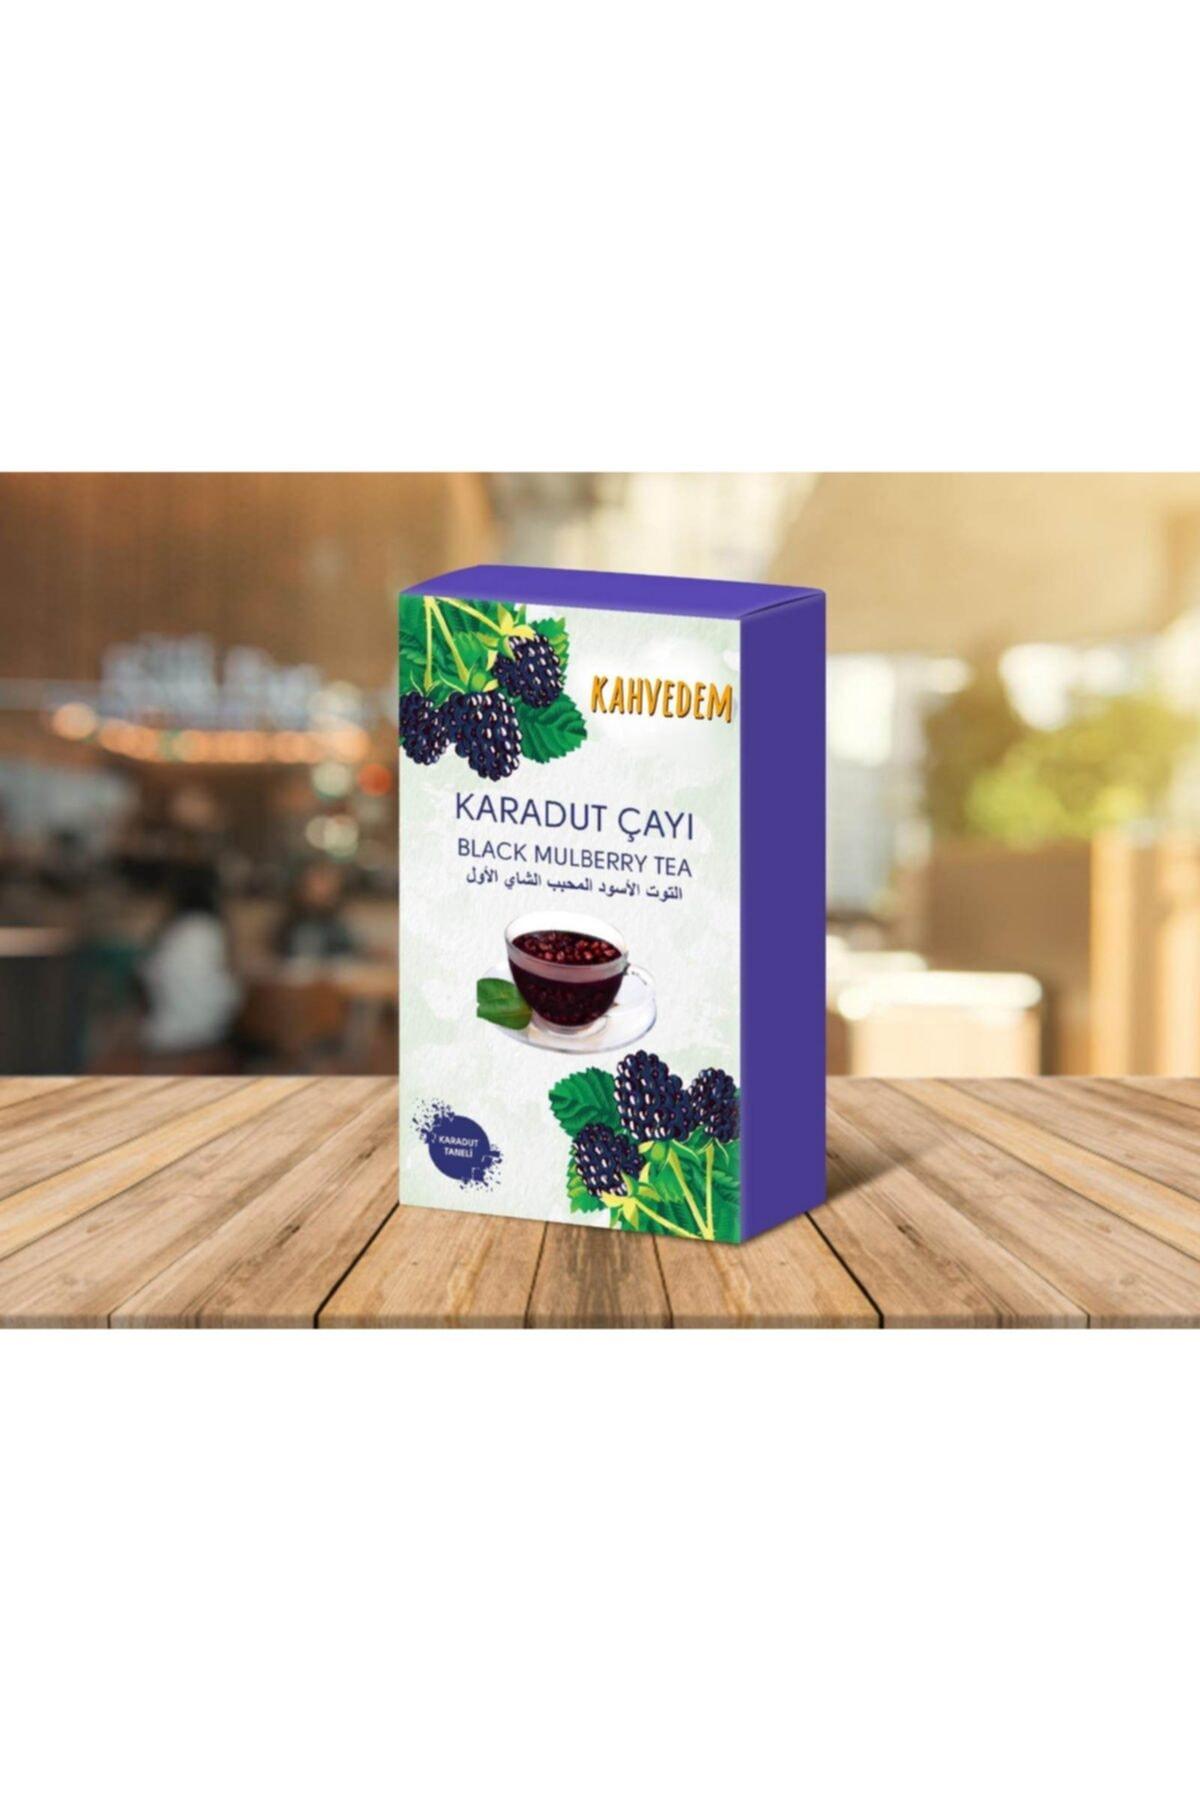 Kahvedem Yenilebilir Doğal Meyve Taneli Karadut Çayı 250 gr 1